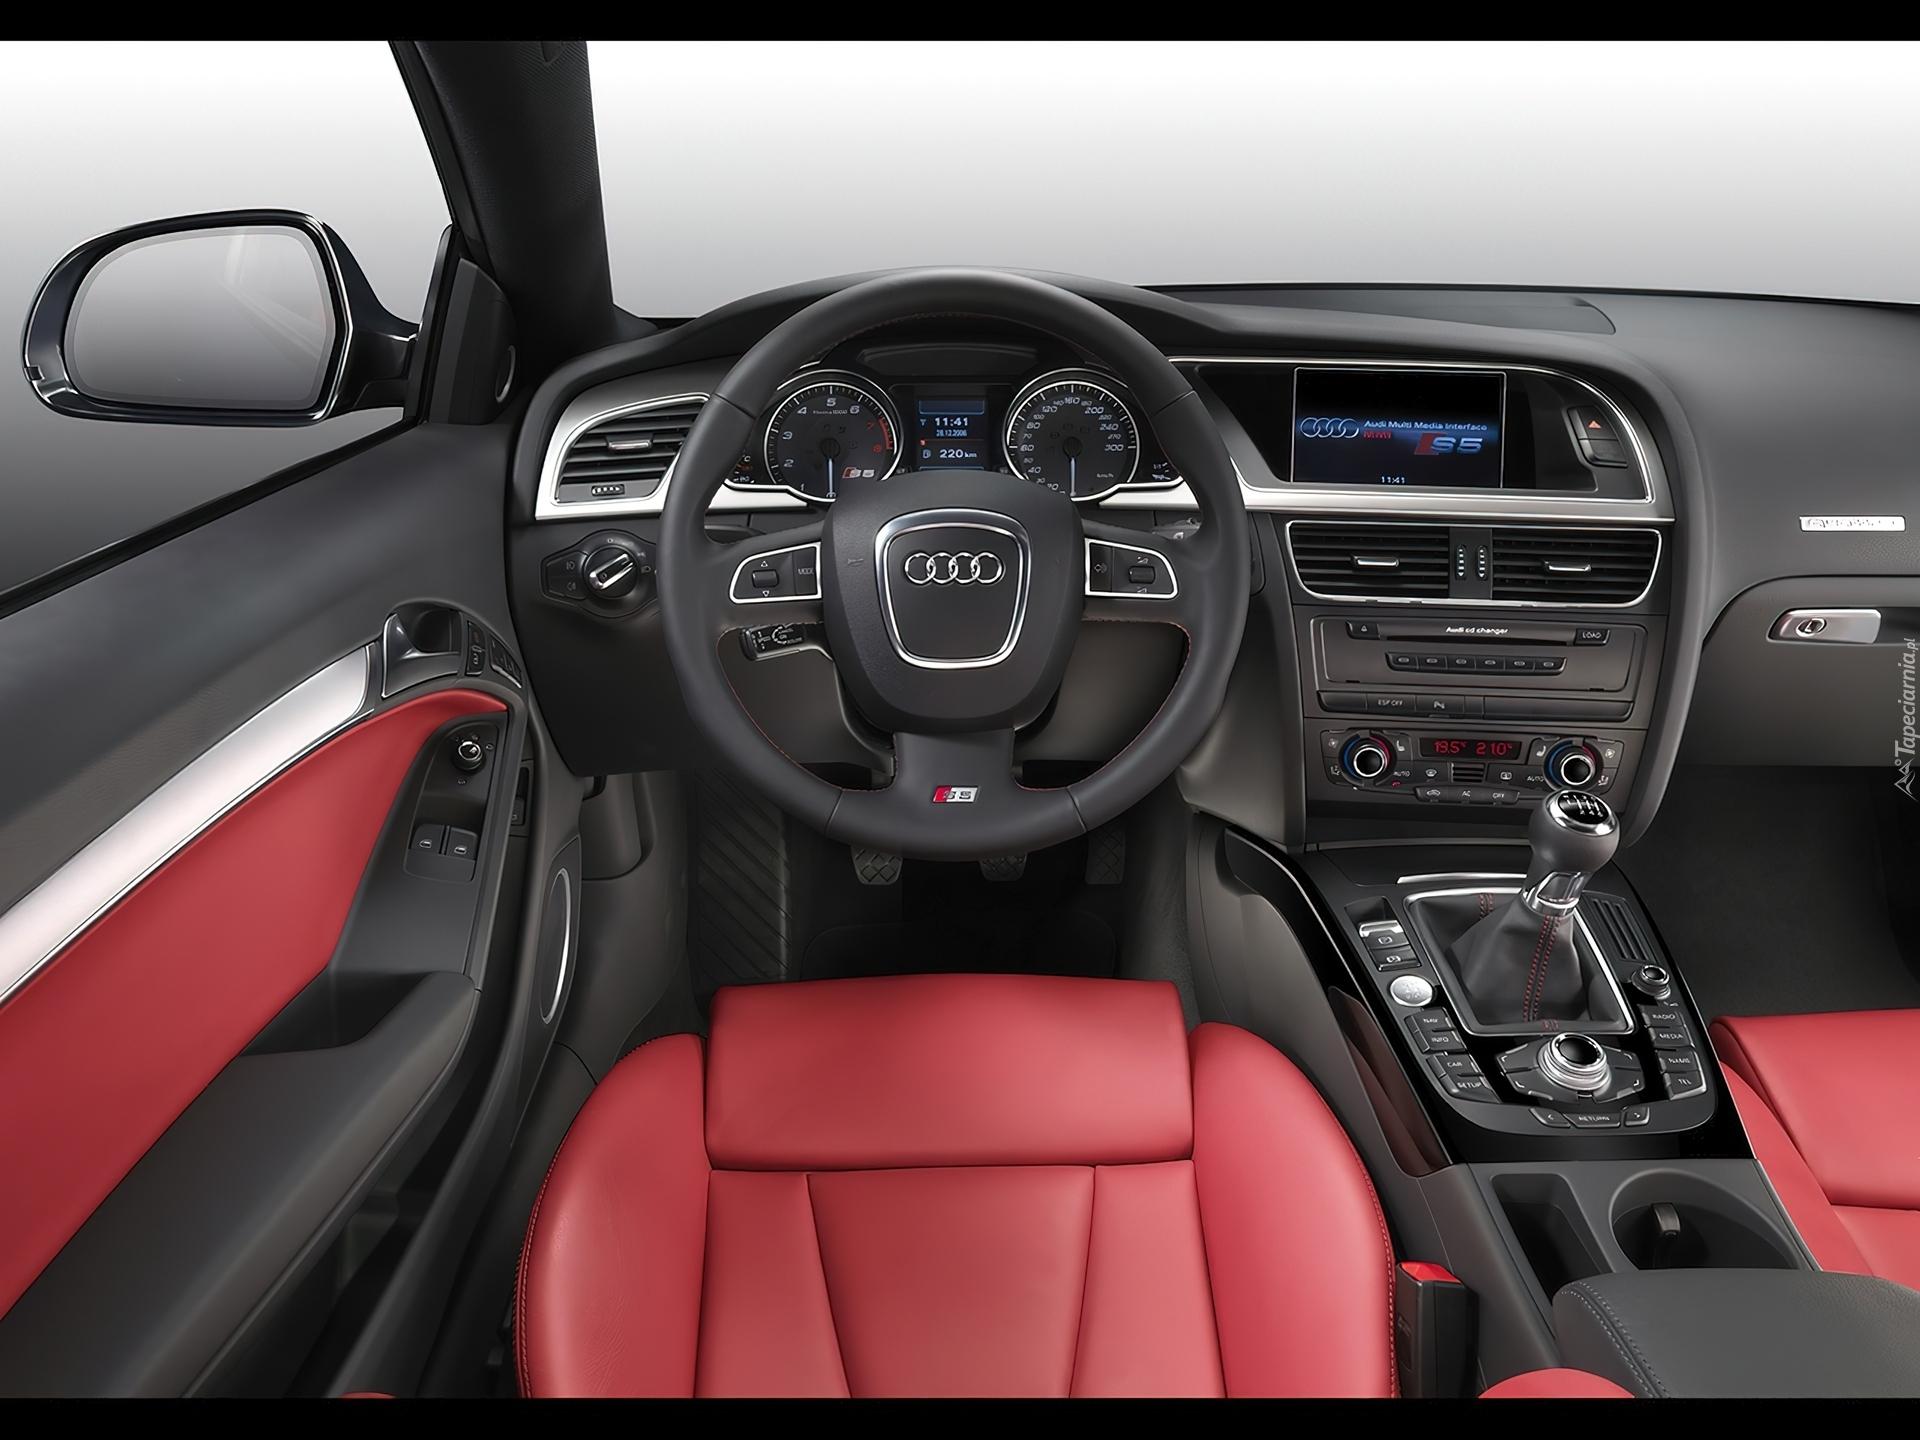 Audi A5 Czerwone Skóry